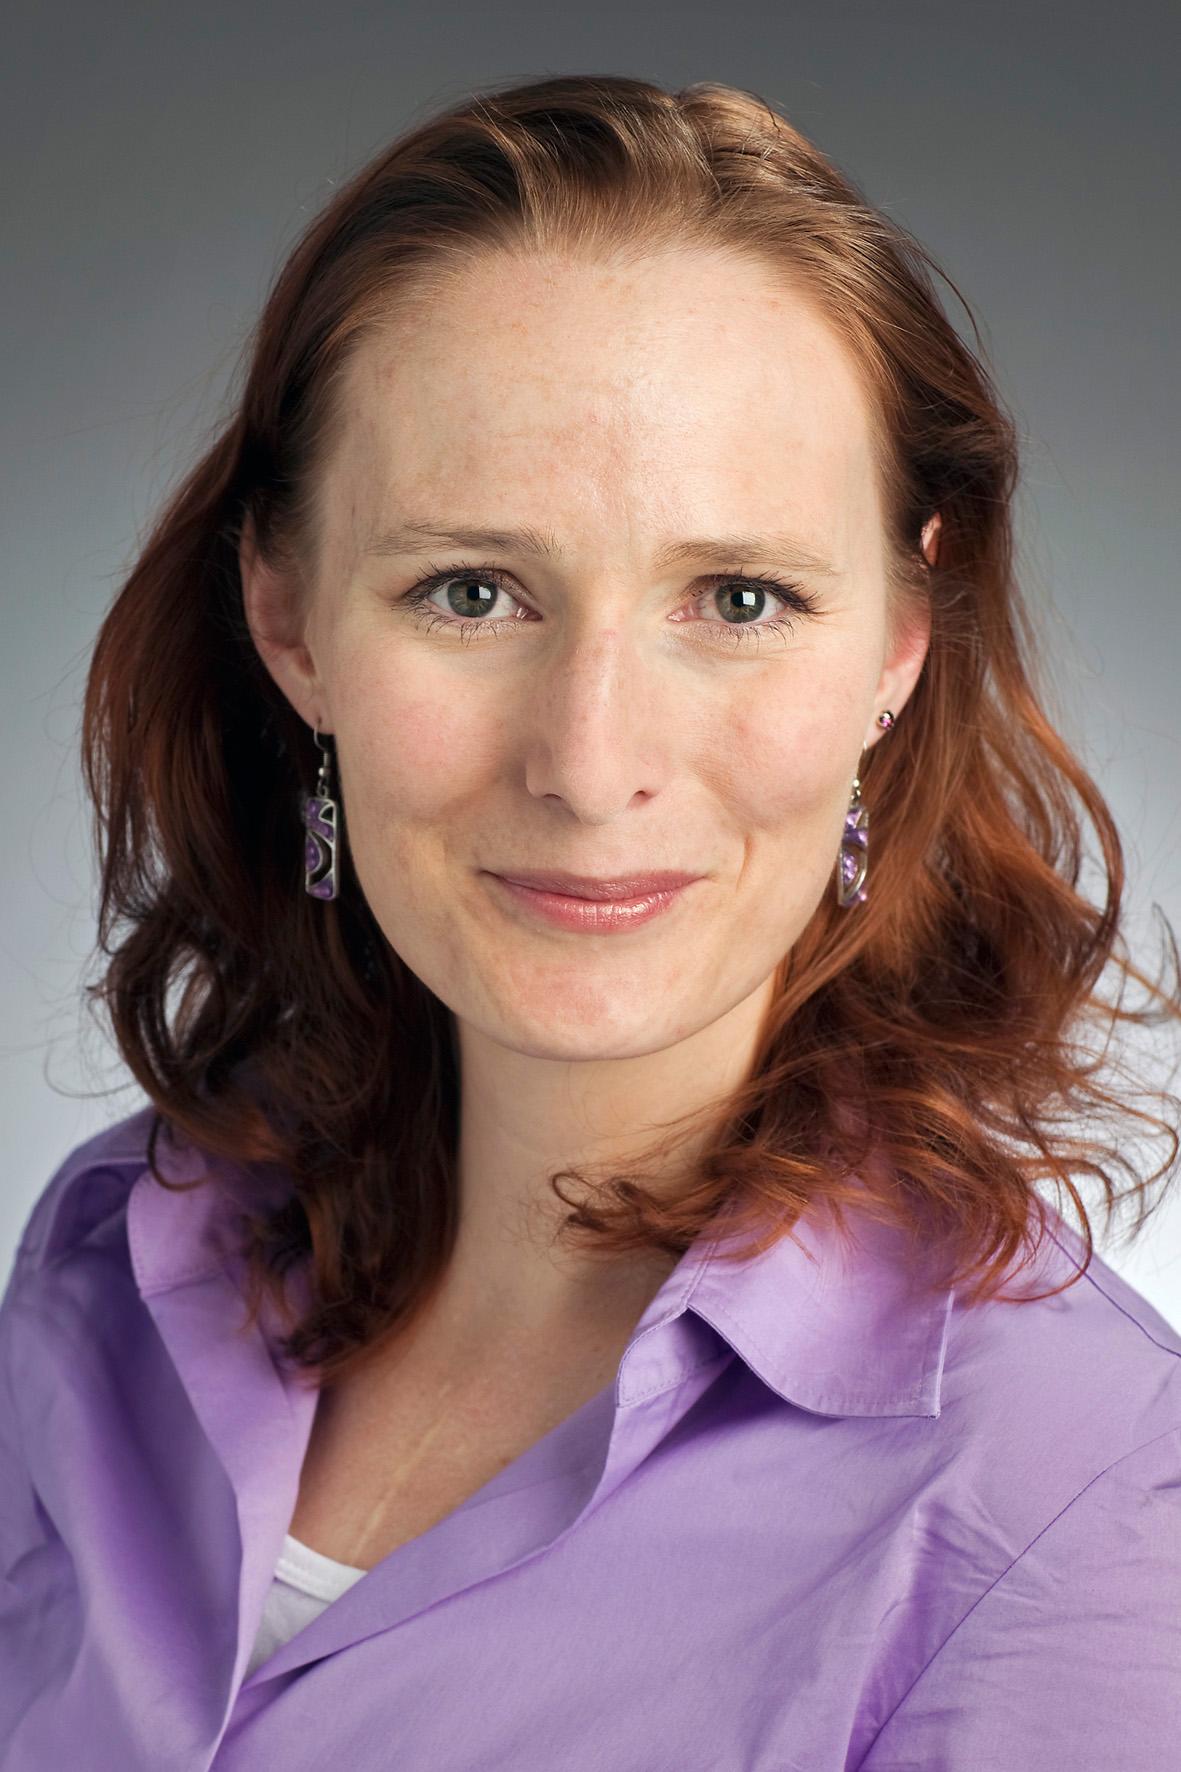 väitöskuva: Minna Valjakka 9.5.2011